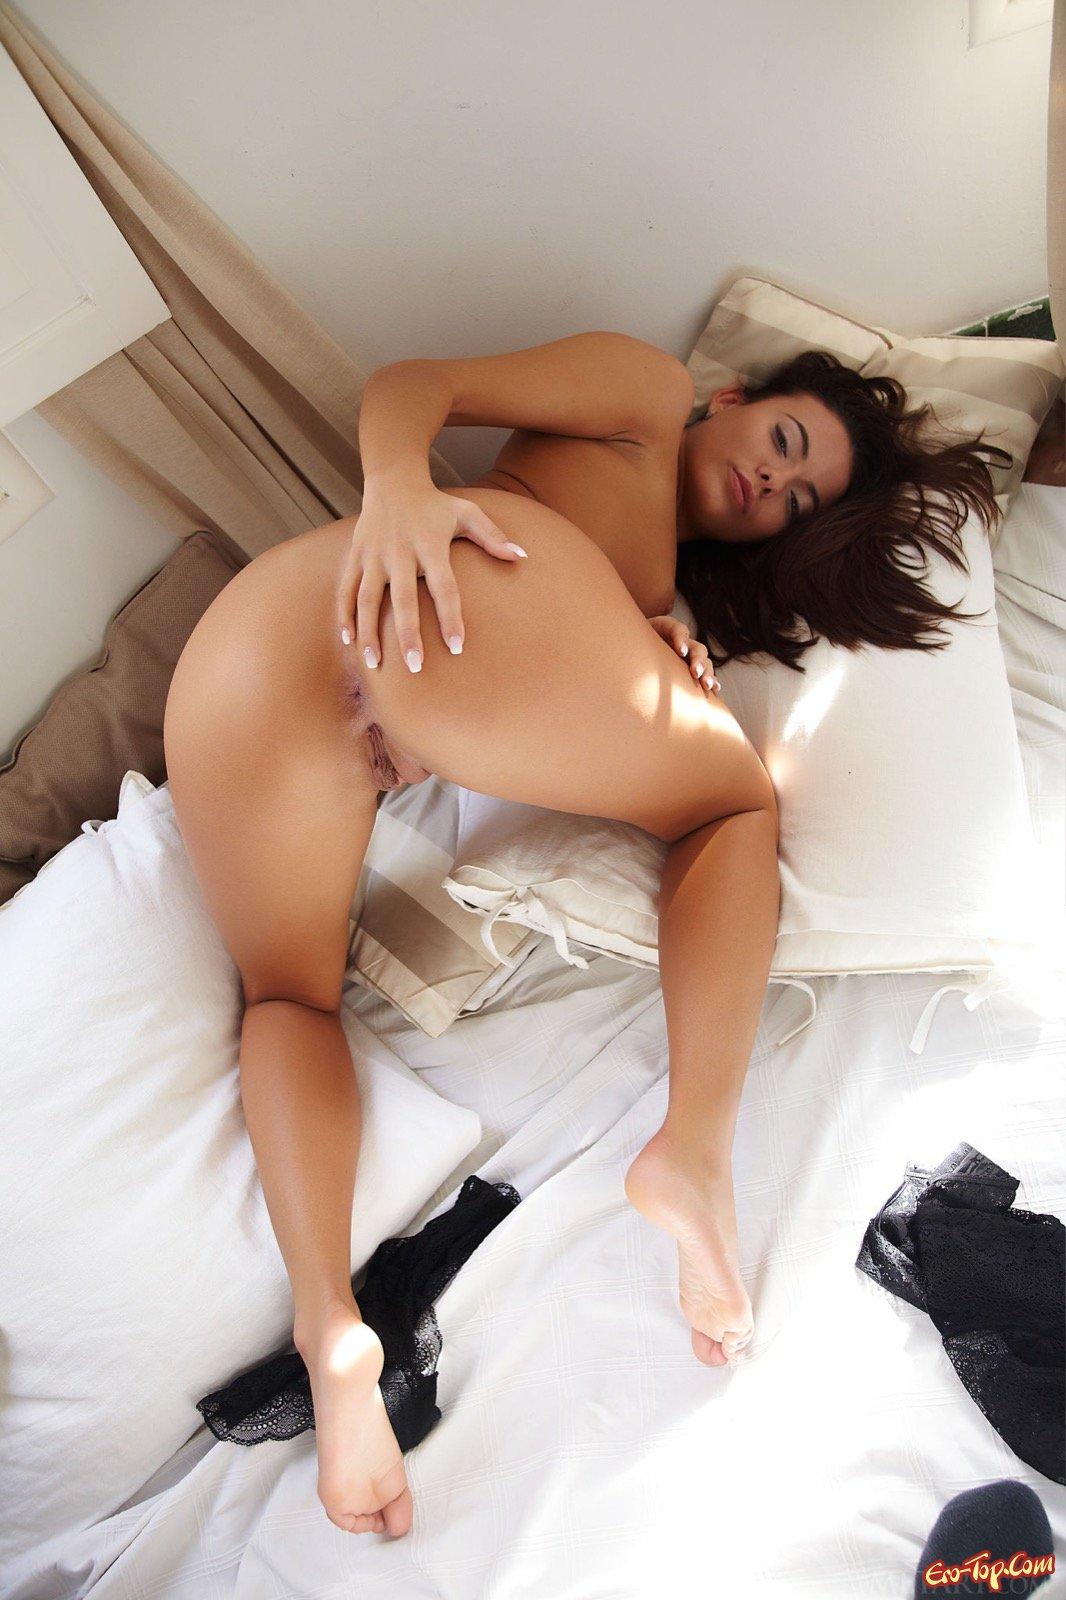 Леди обнажила крупные половые губы лежа в кроватке